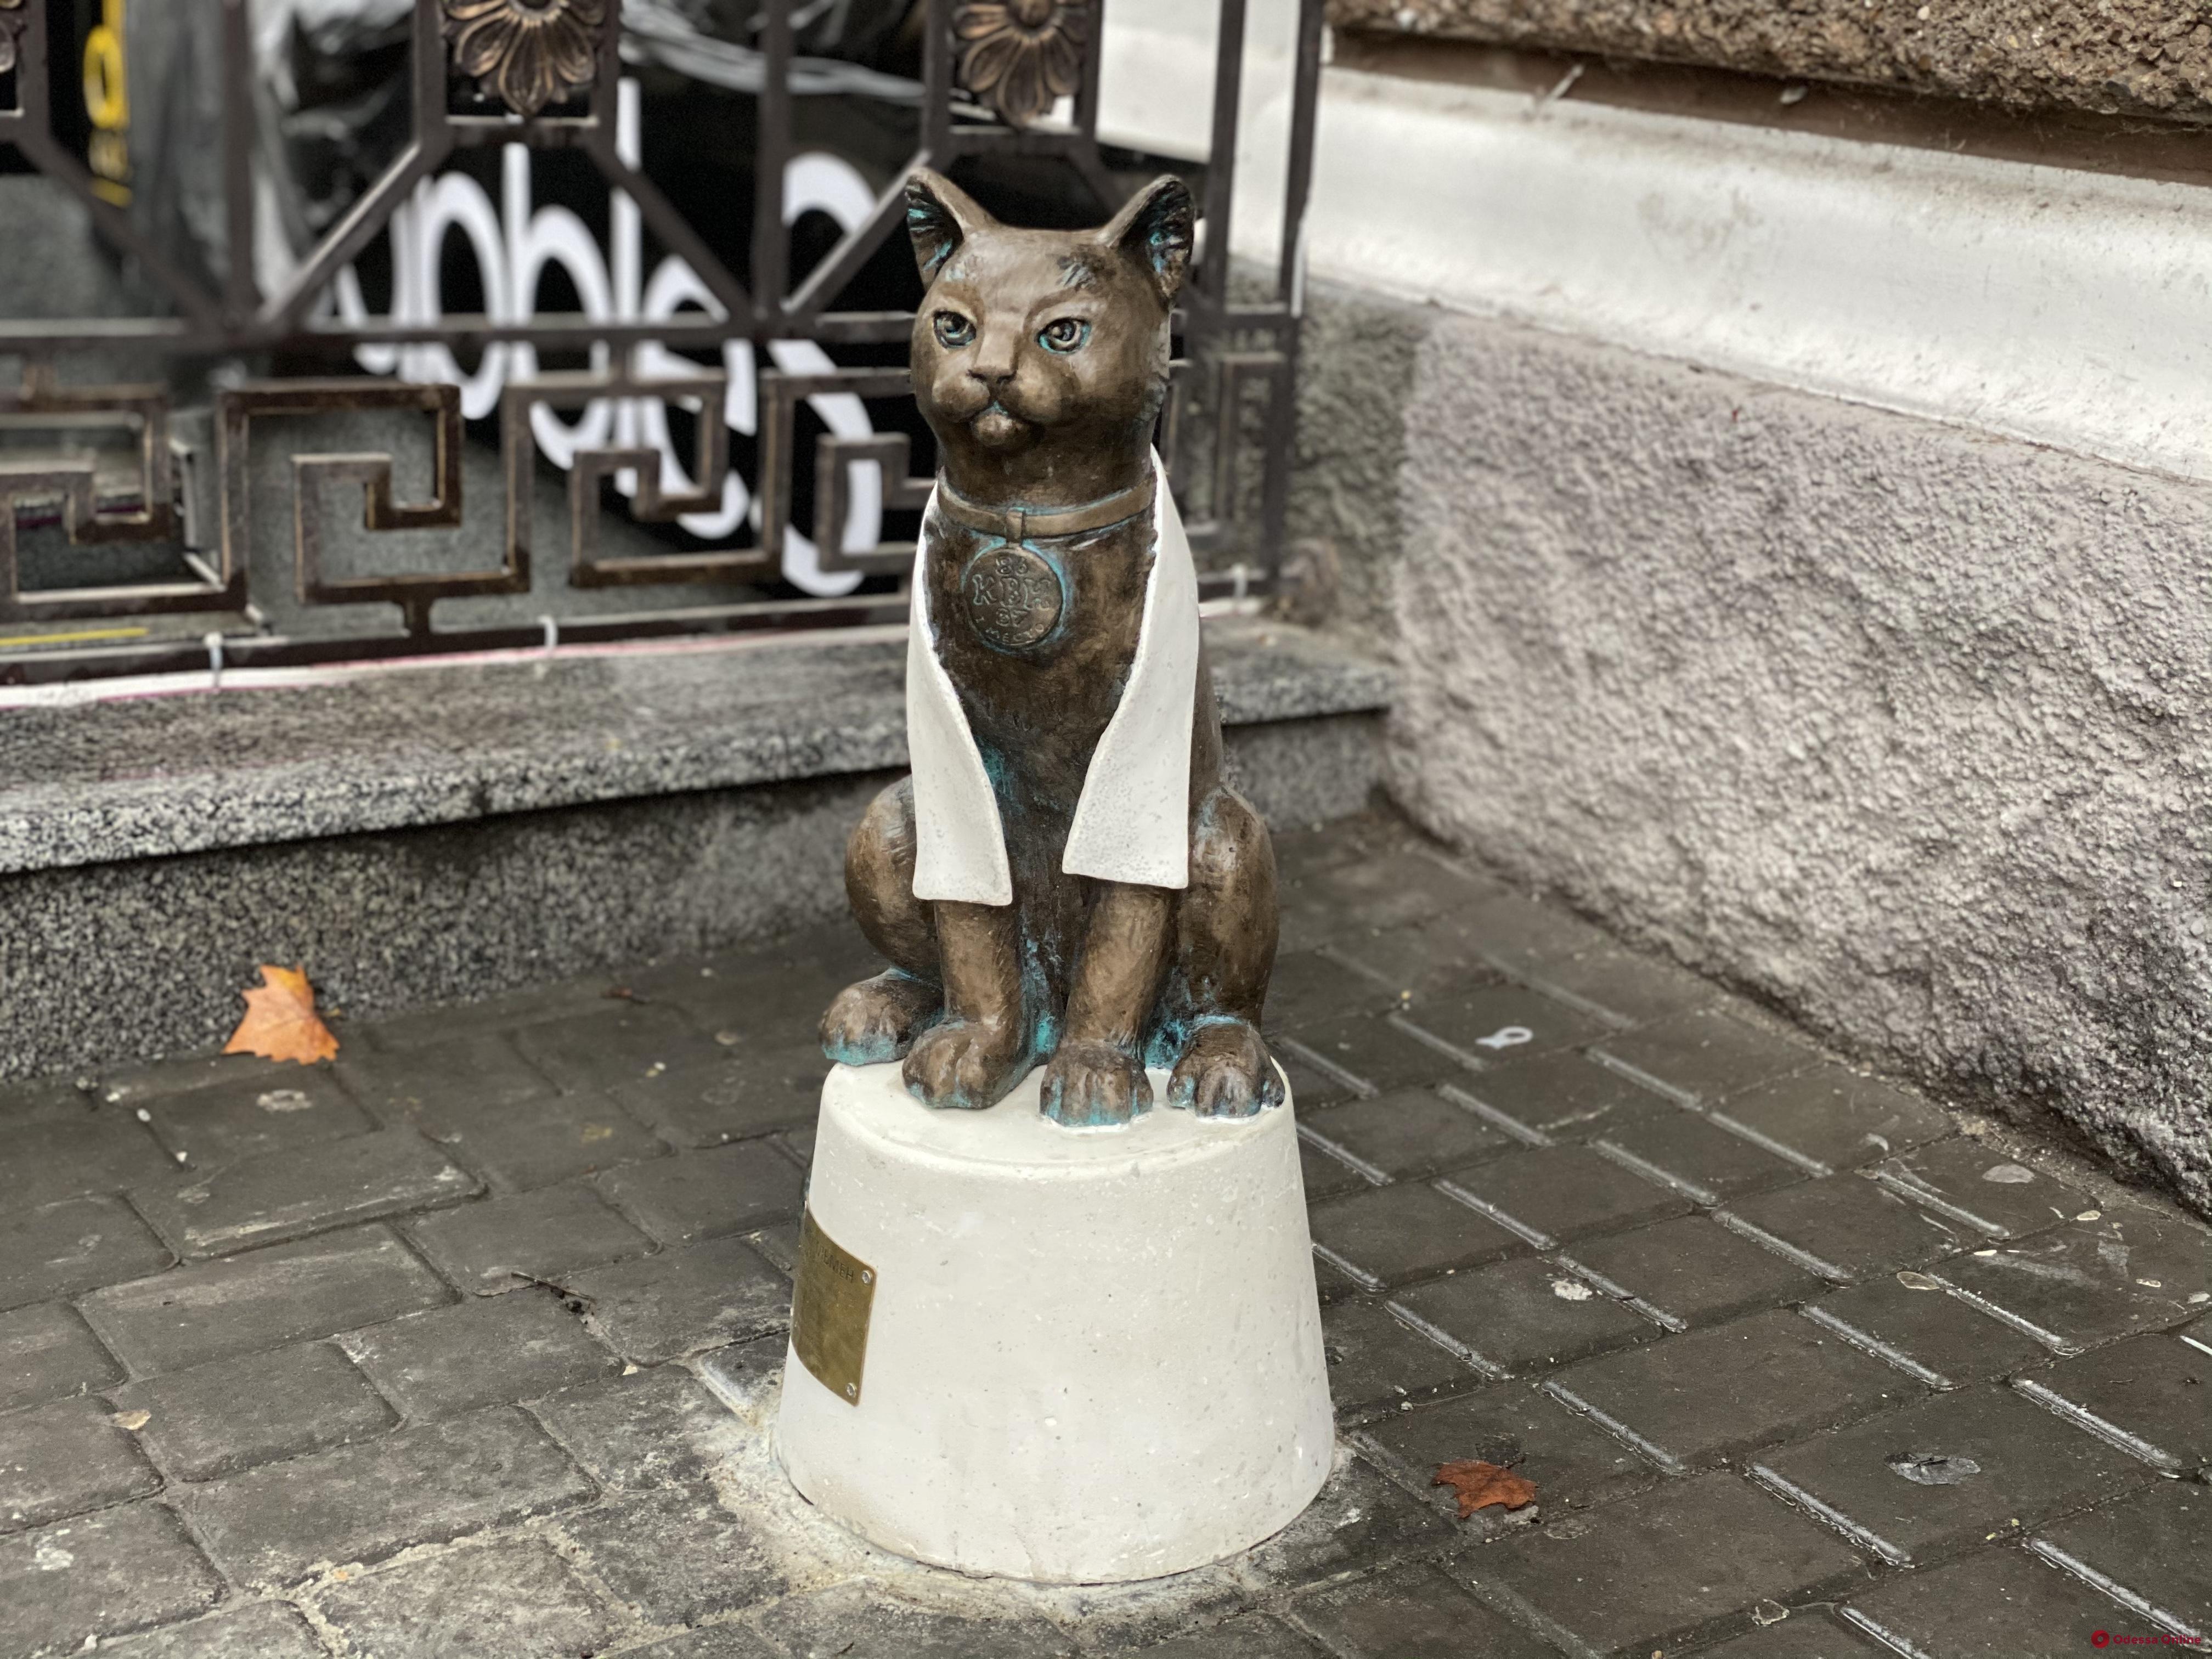 На Екатерининской установили скульптуру кота-джентльмена (фото)